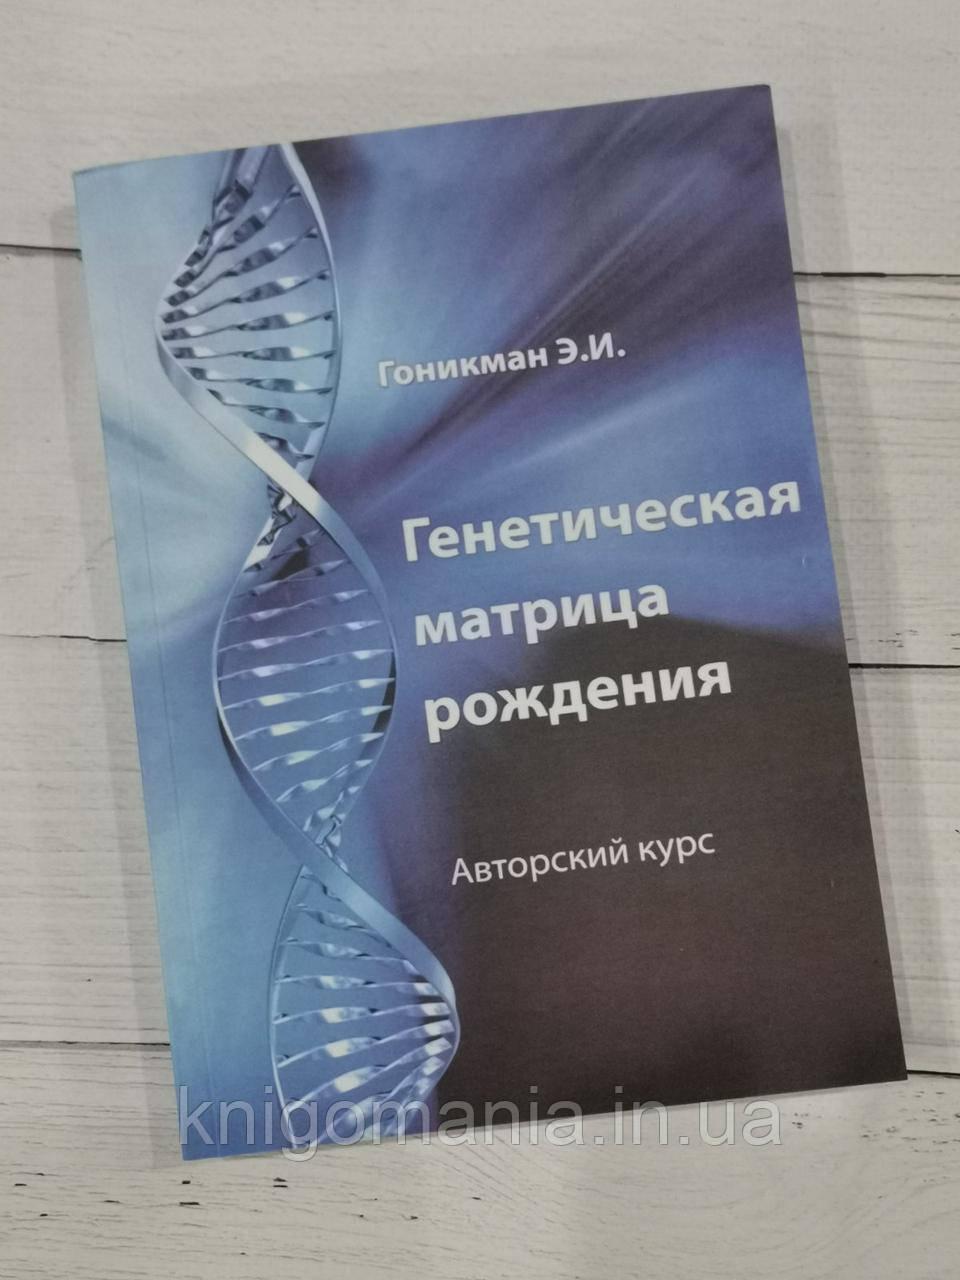 """""""Генетическая матрица рождения"""" Гоникман Э.И."""